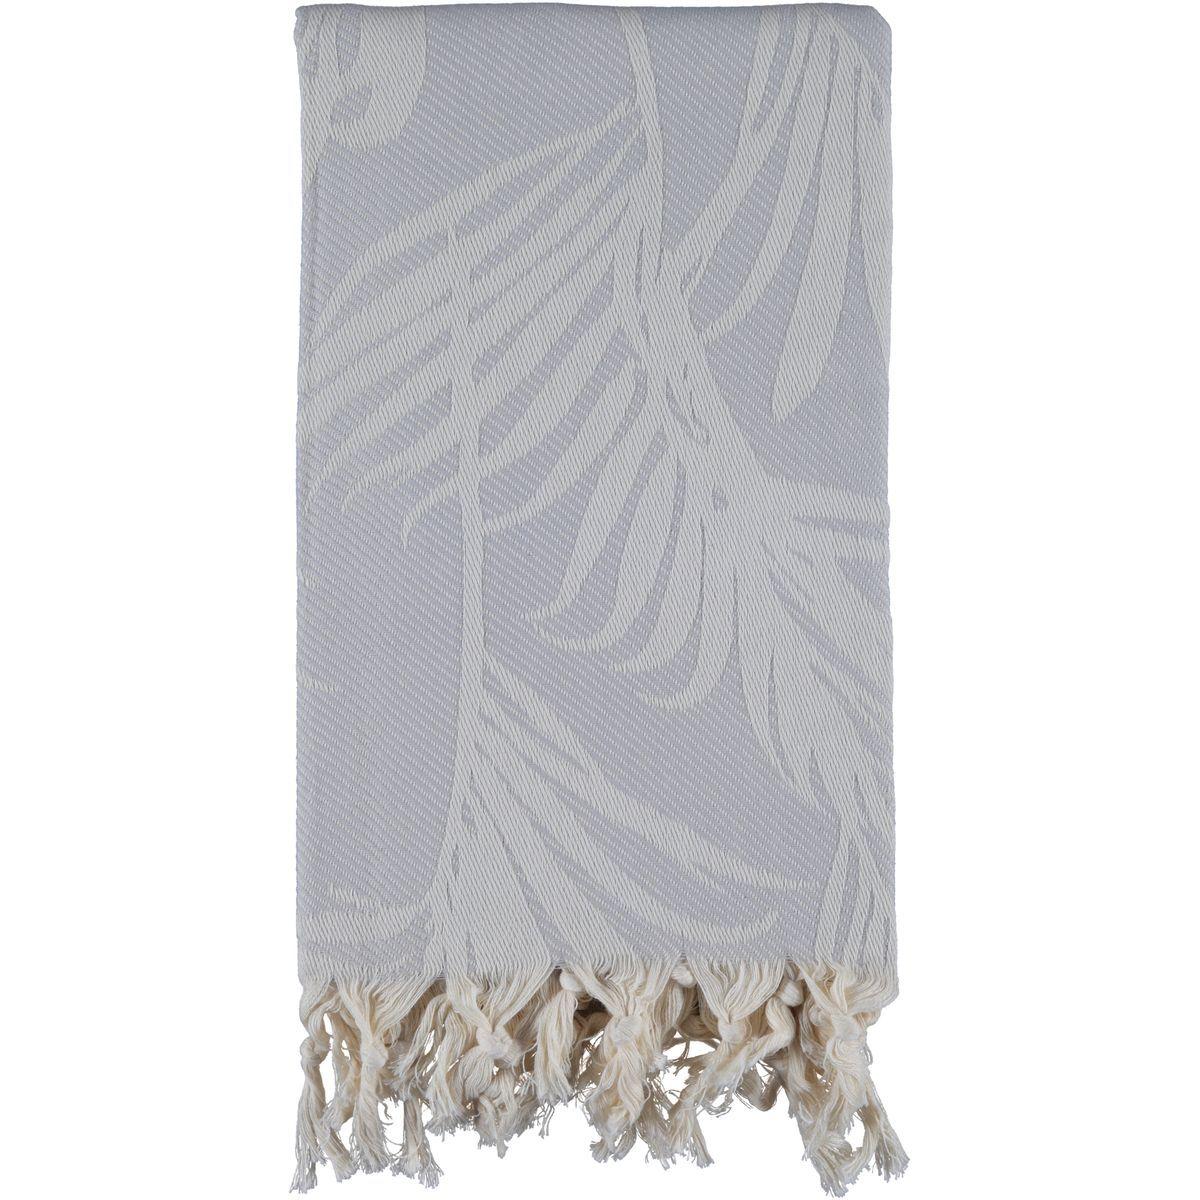 Peshtemal Amazon - Silver Grey